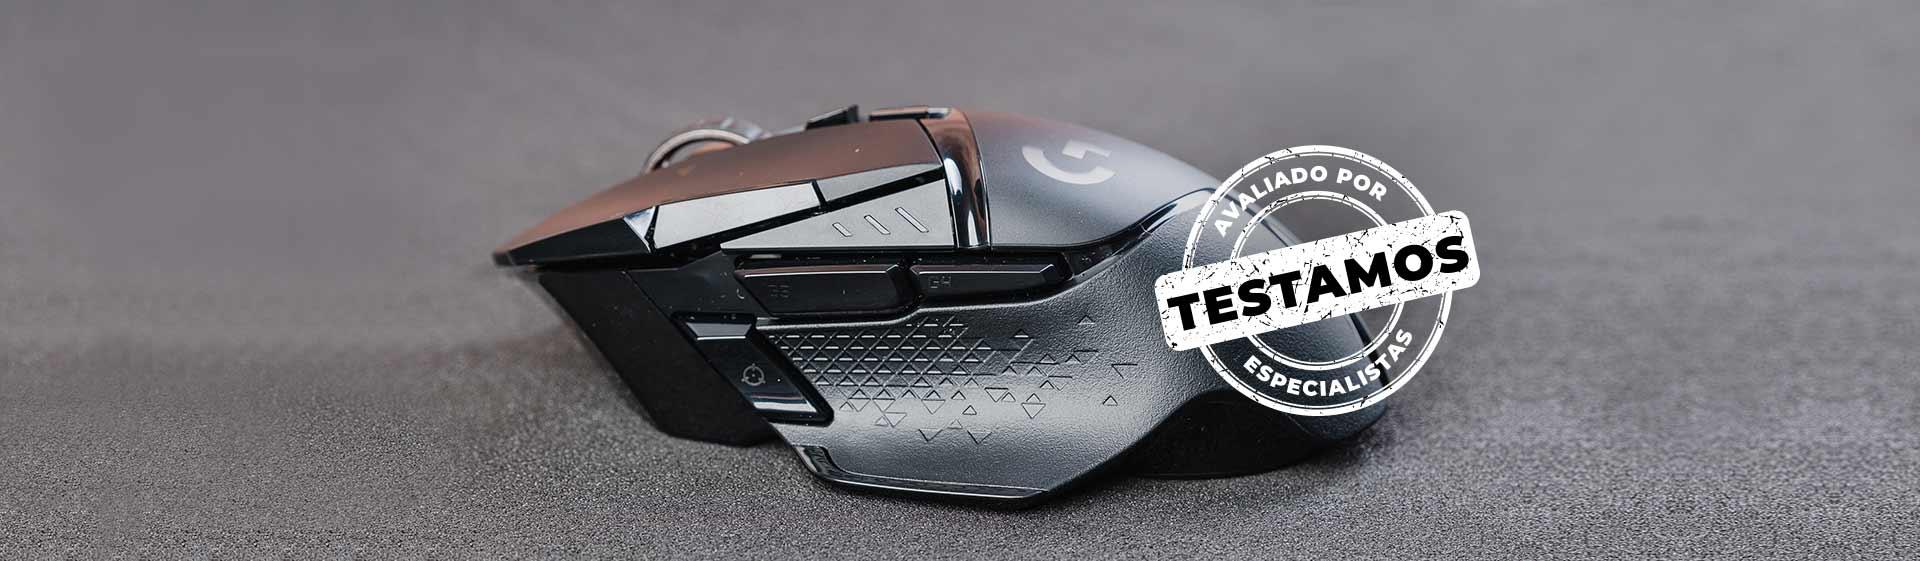 Mouse Logitech G502 Lightspeed: conforto, potência e personalização